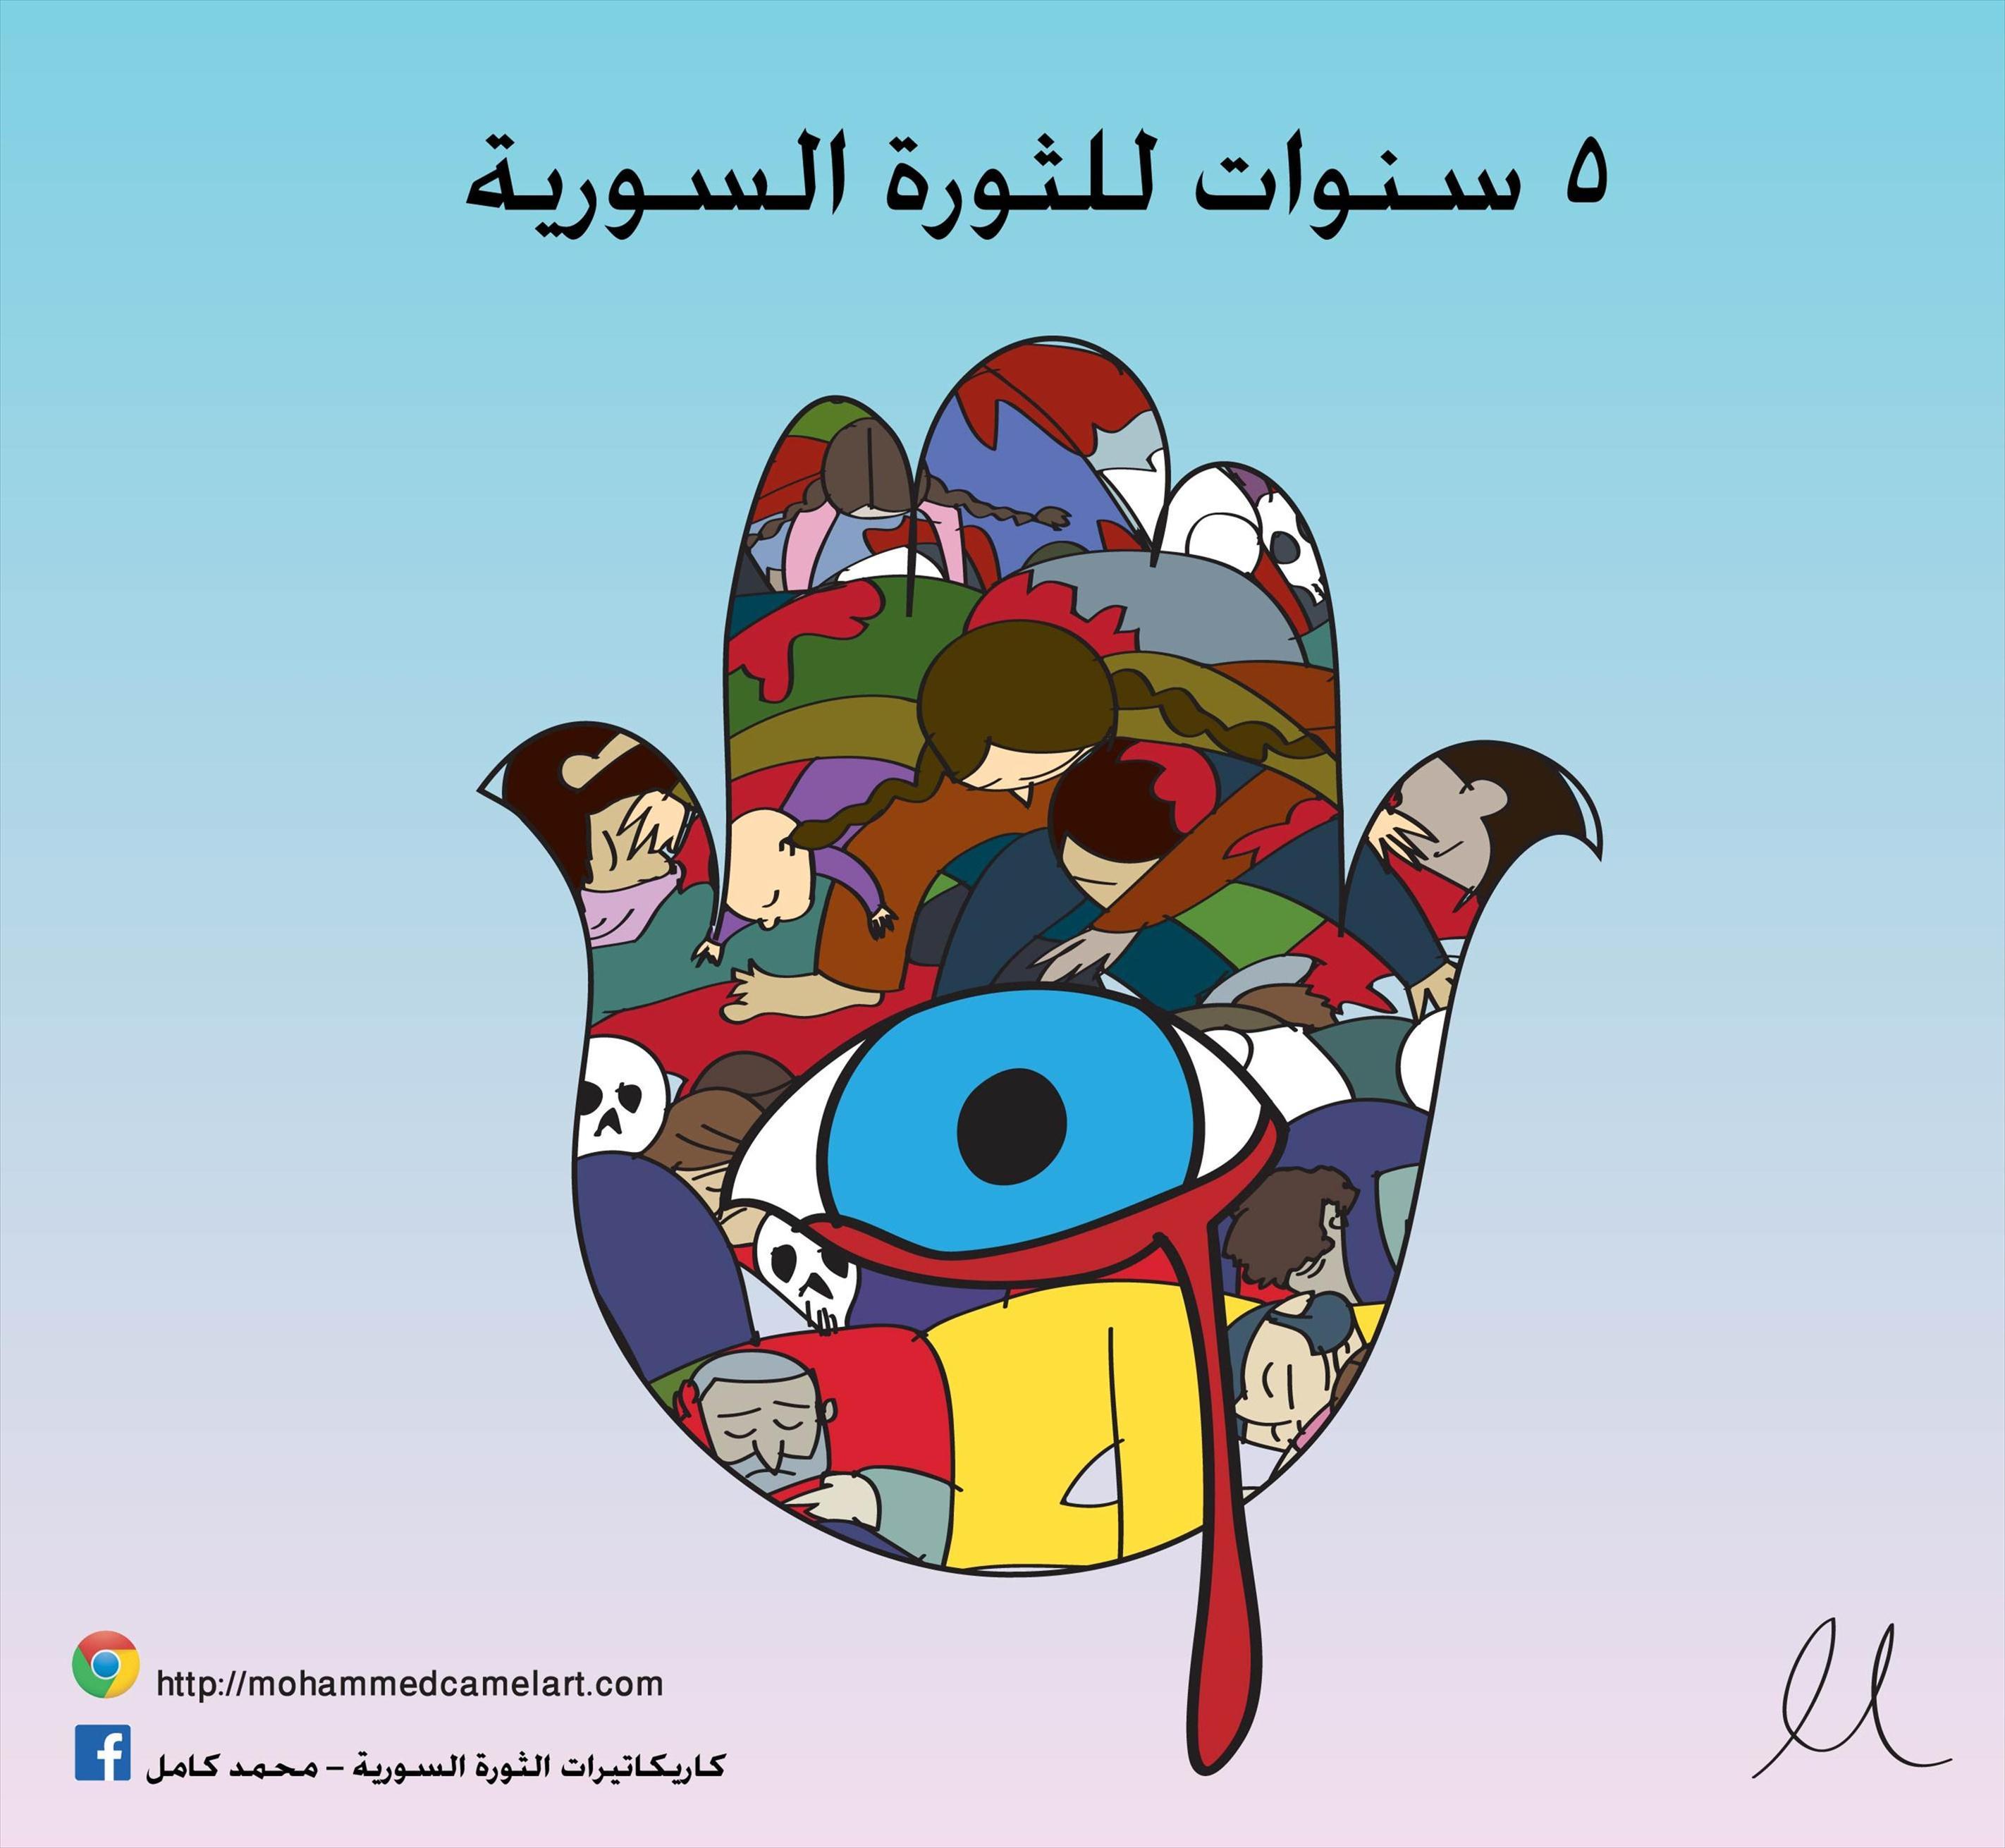 سنوات القهر والذل تتواصل على الشعبالسوري